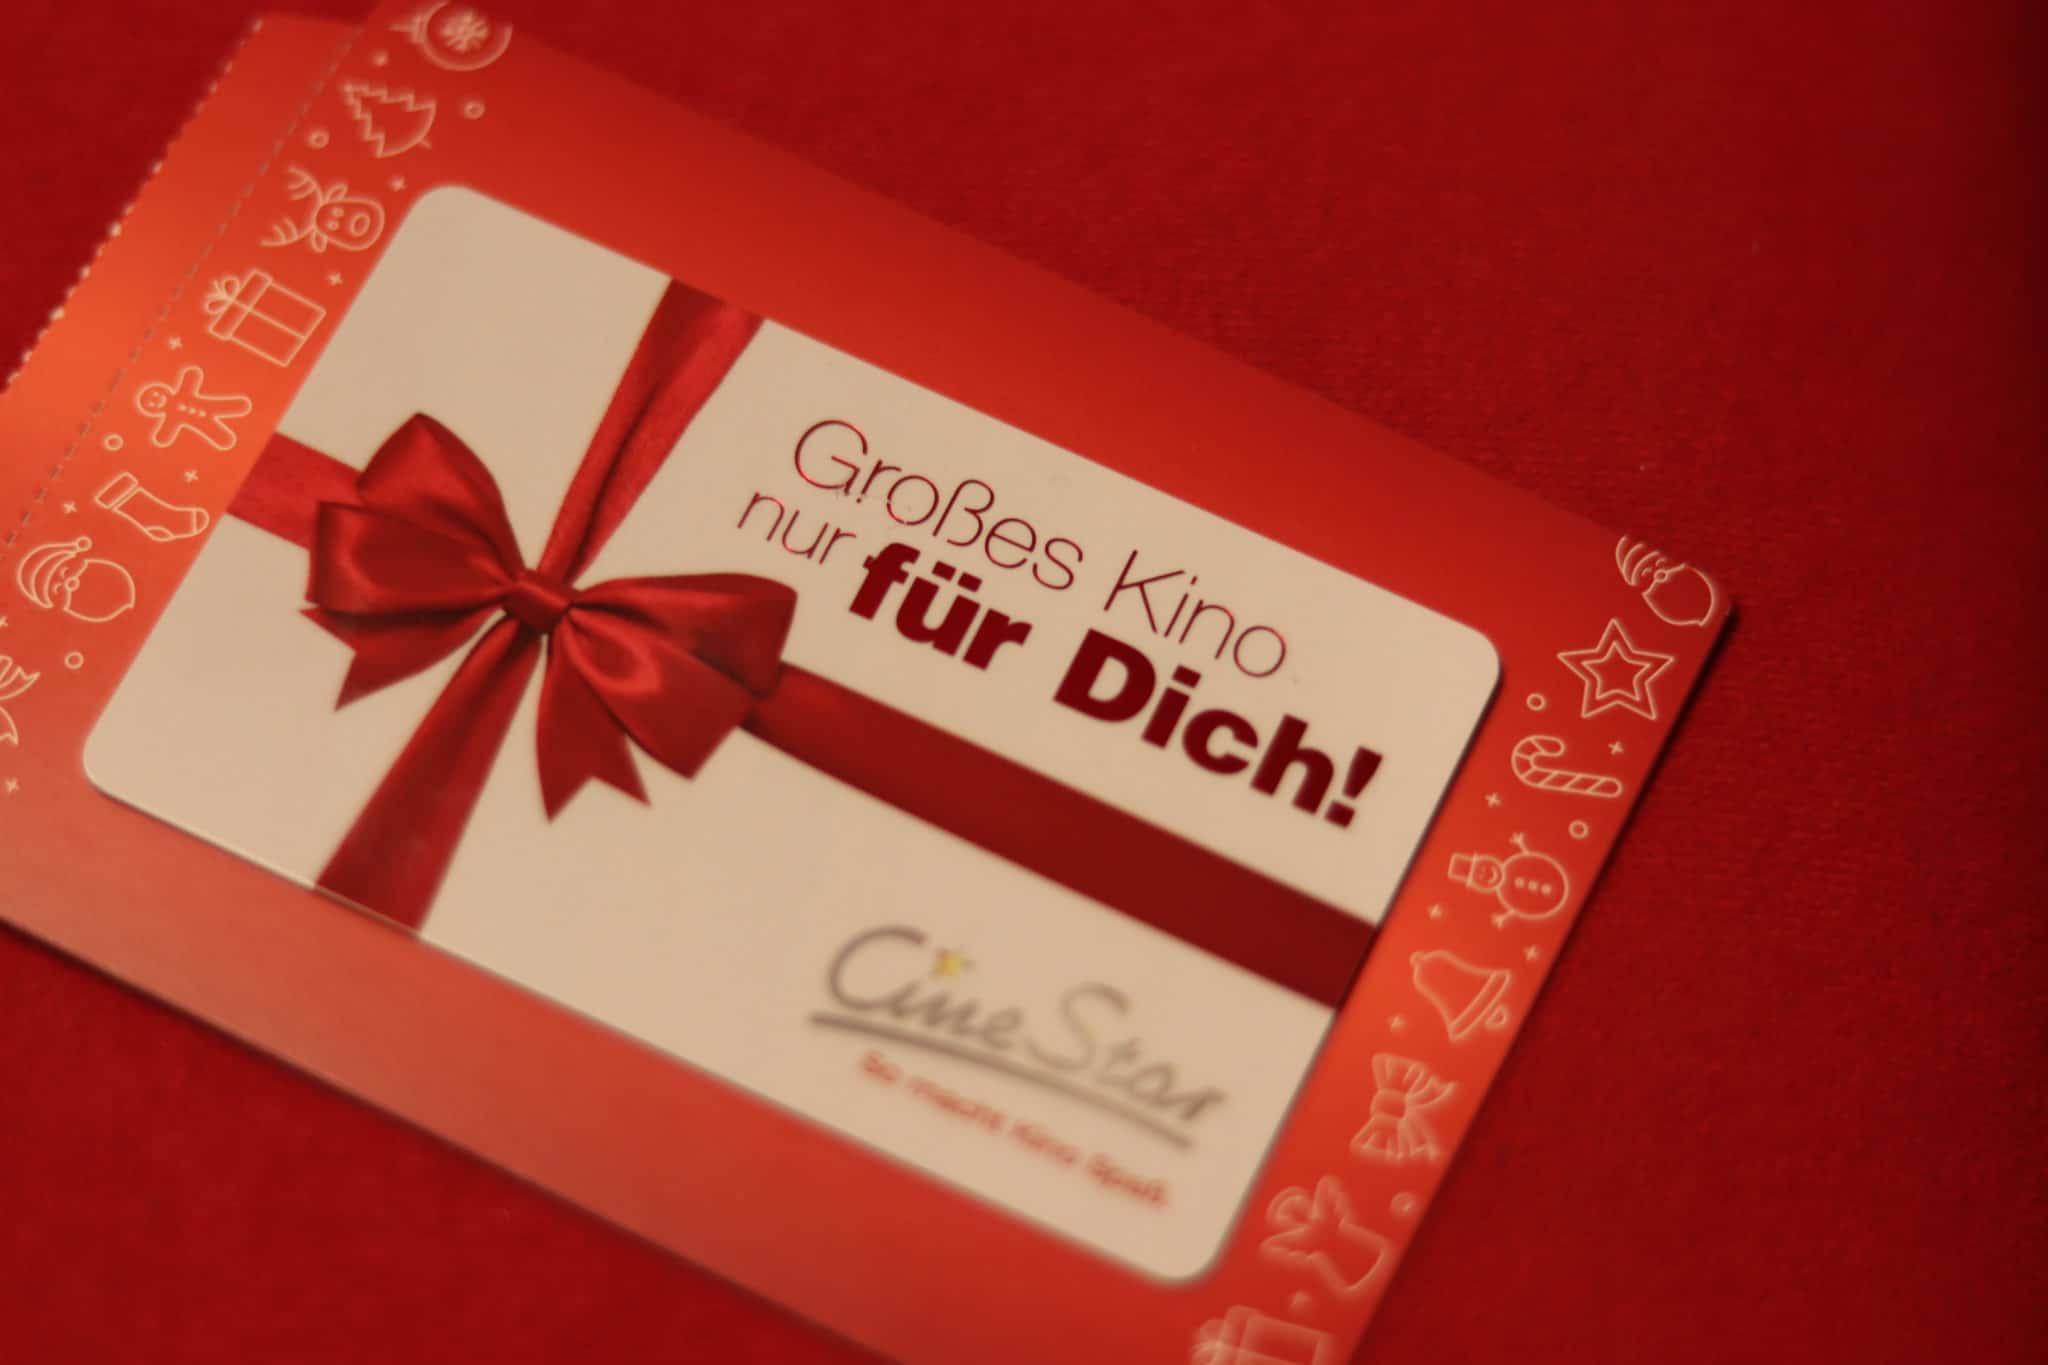 CineStar_Kinogutschein_Geschenk